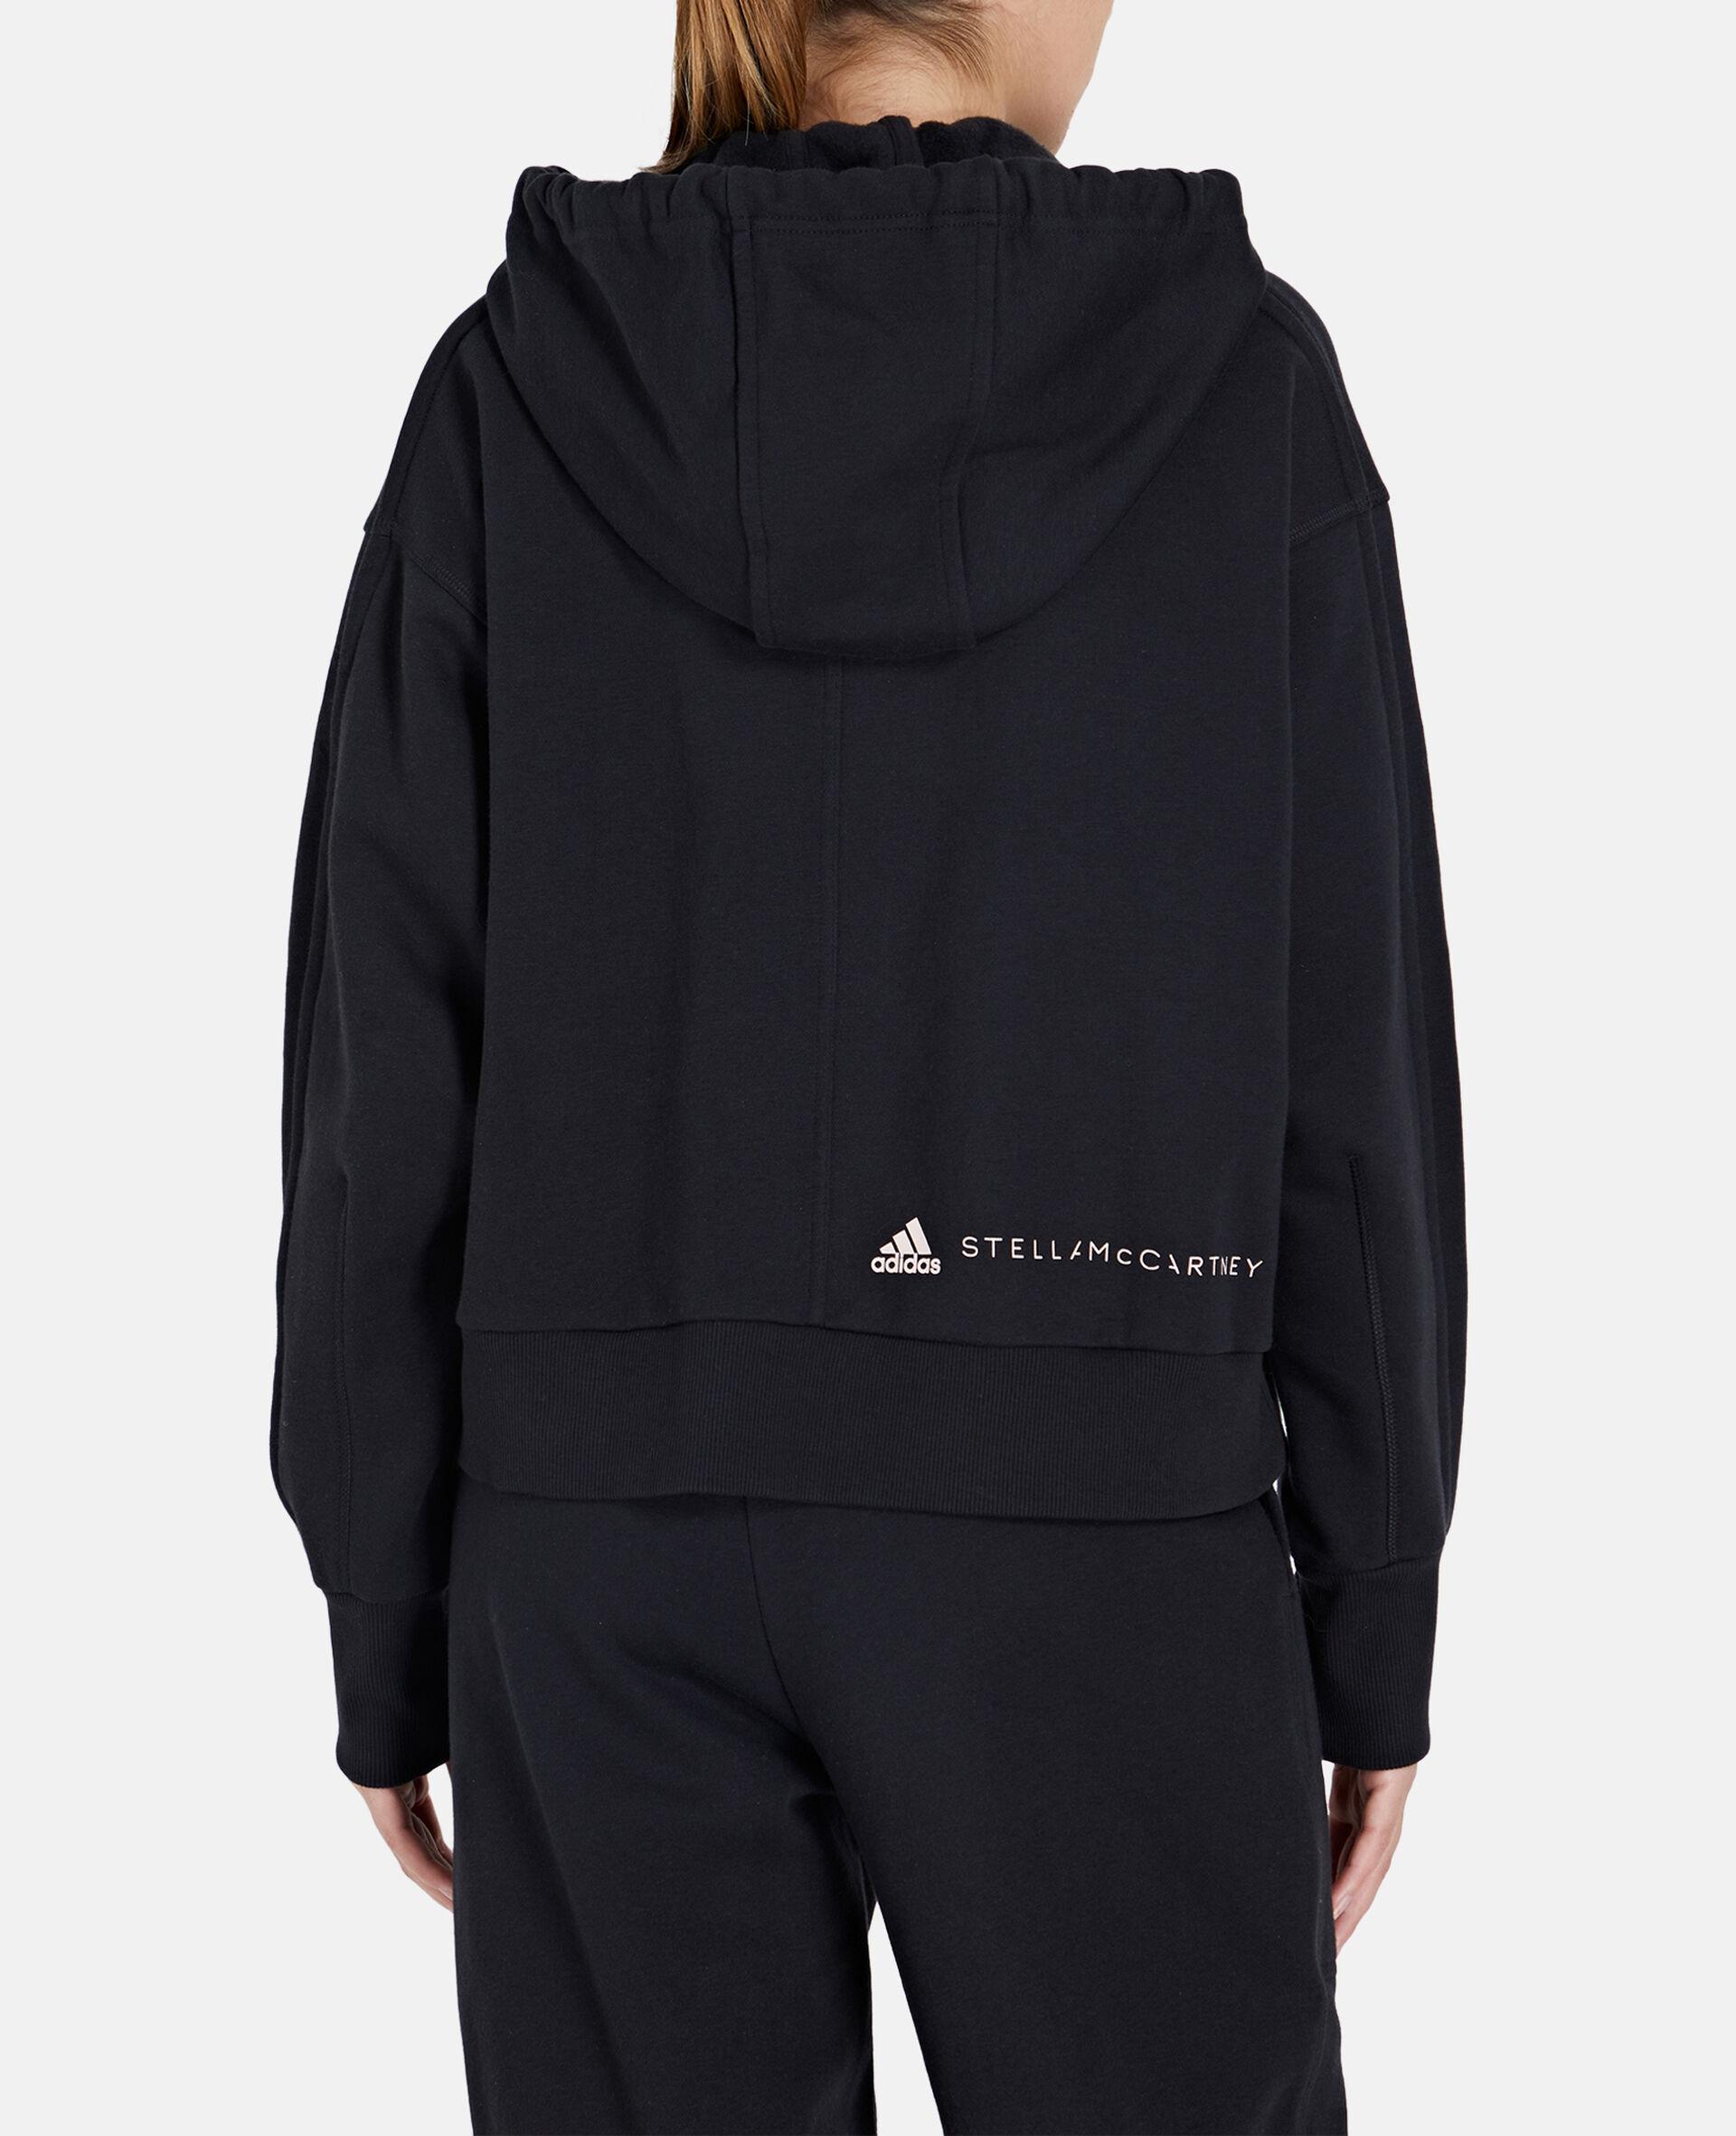 Black Full-zip Cropped Hoodie-Black-large image number 2